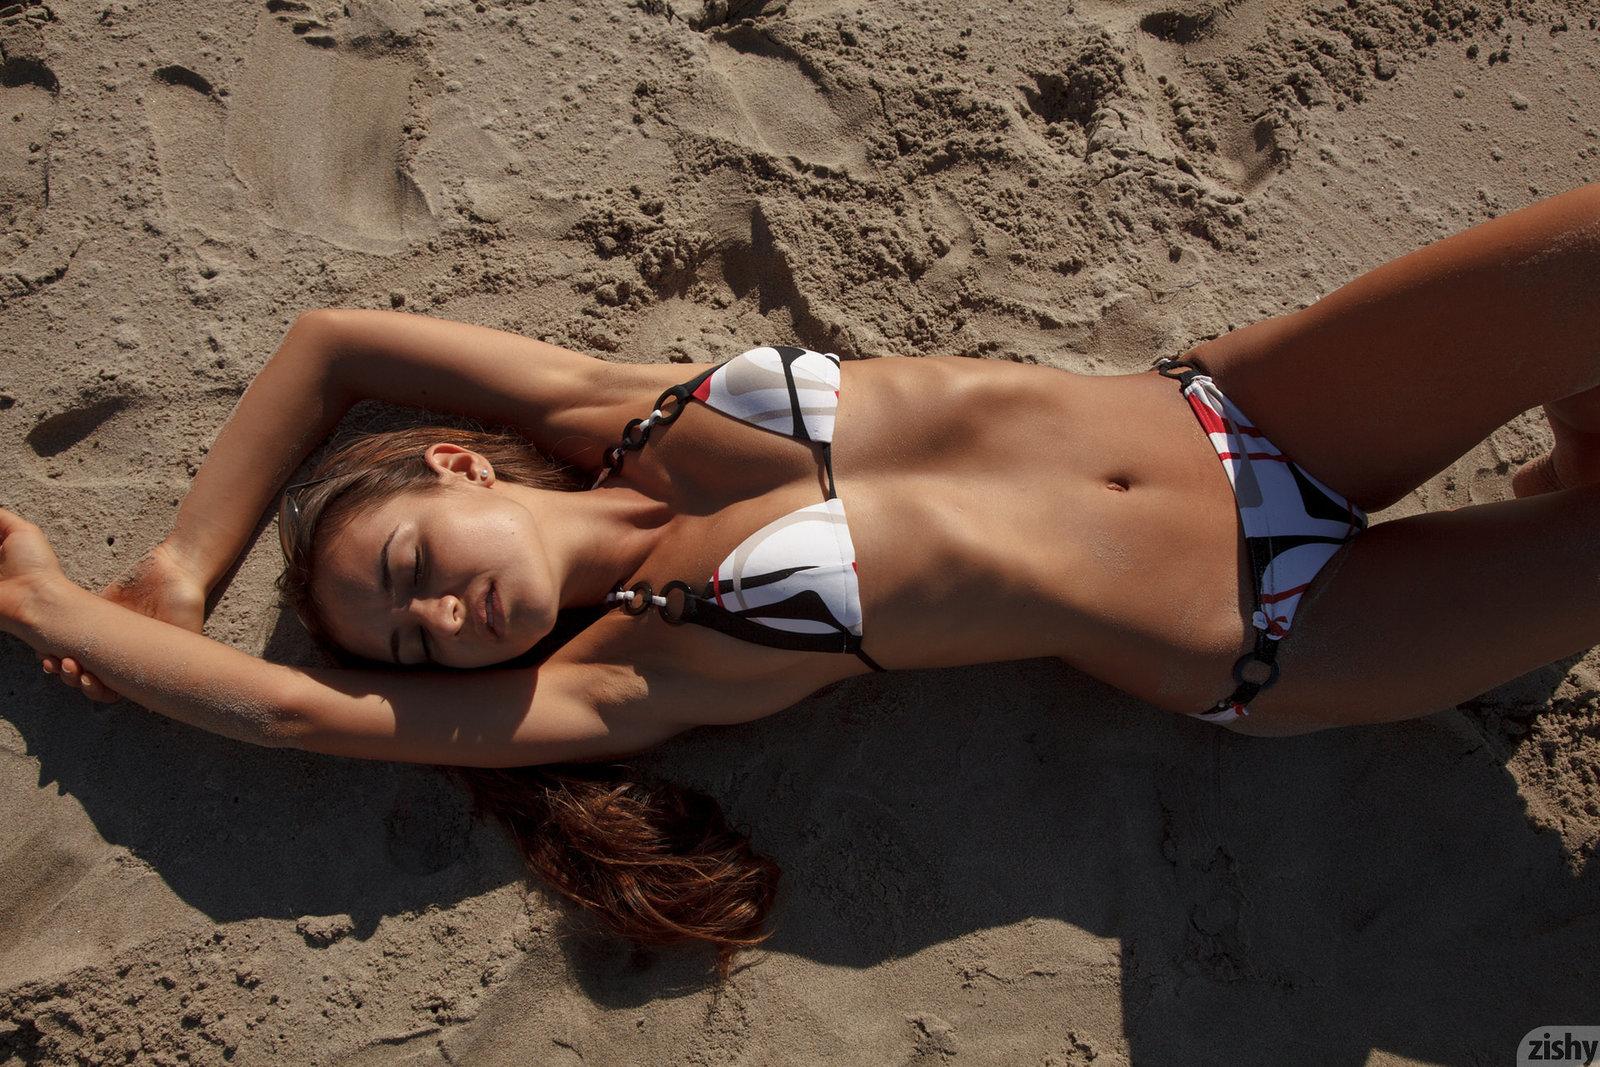 Zdjęcie porno - 10 - Szpagat na piasku